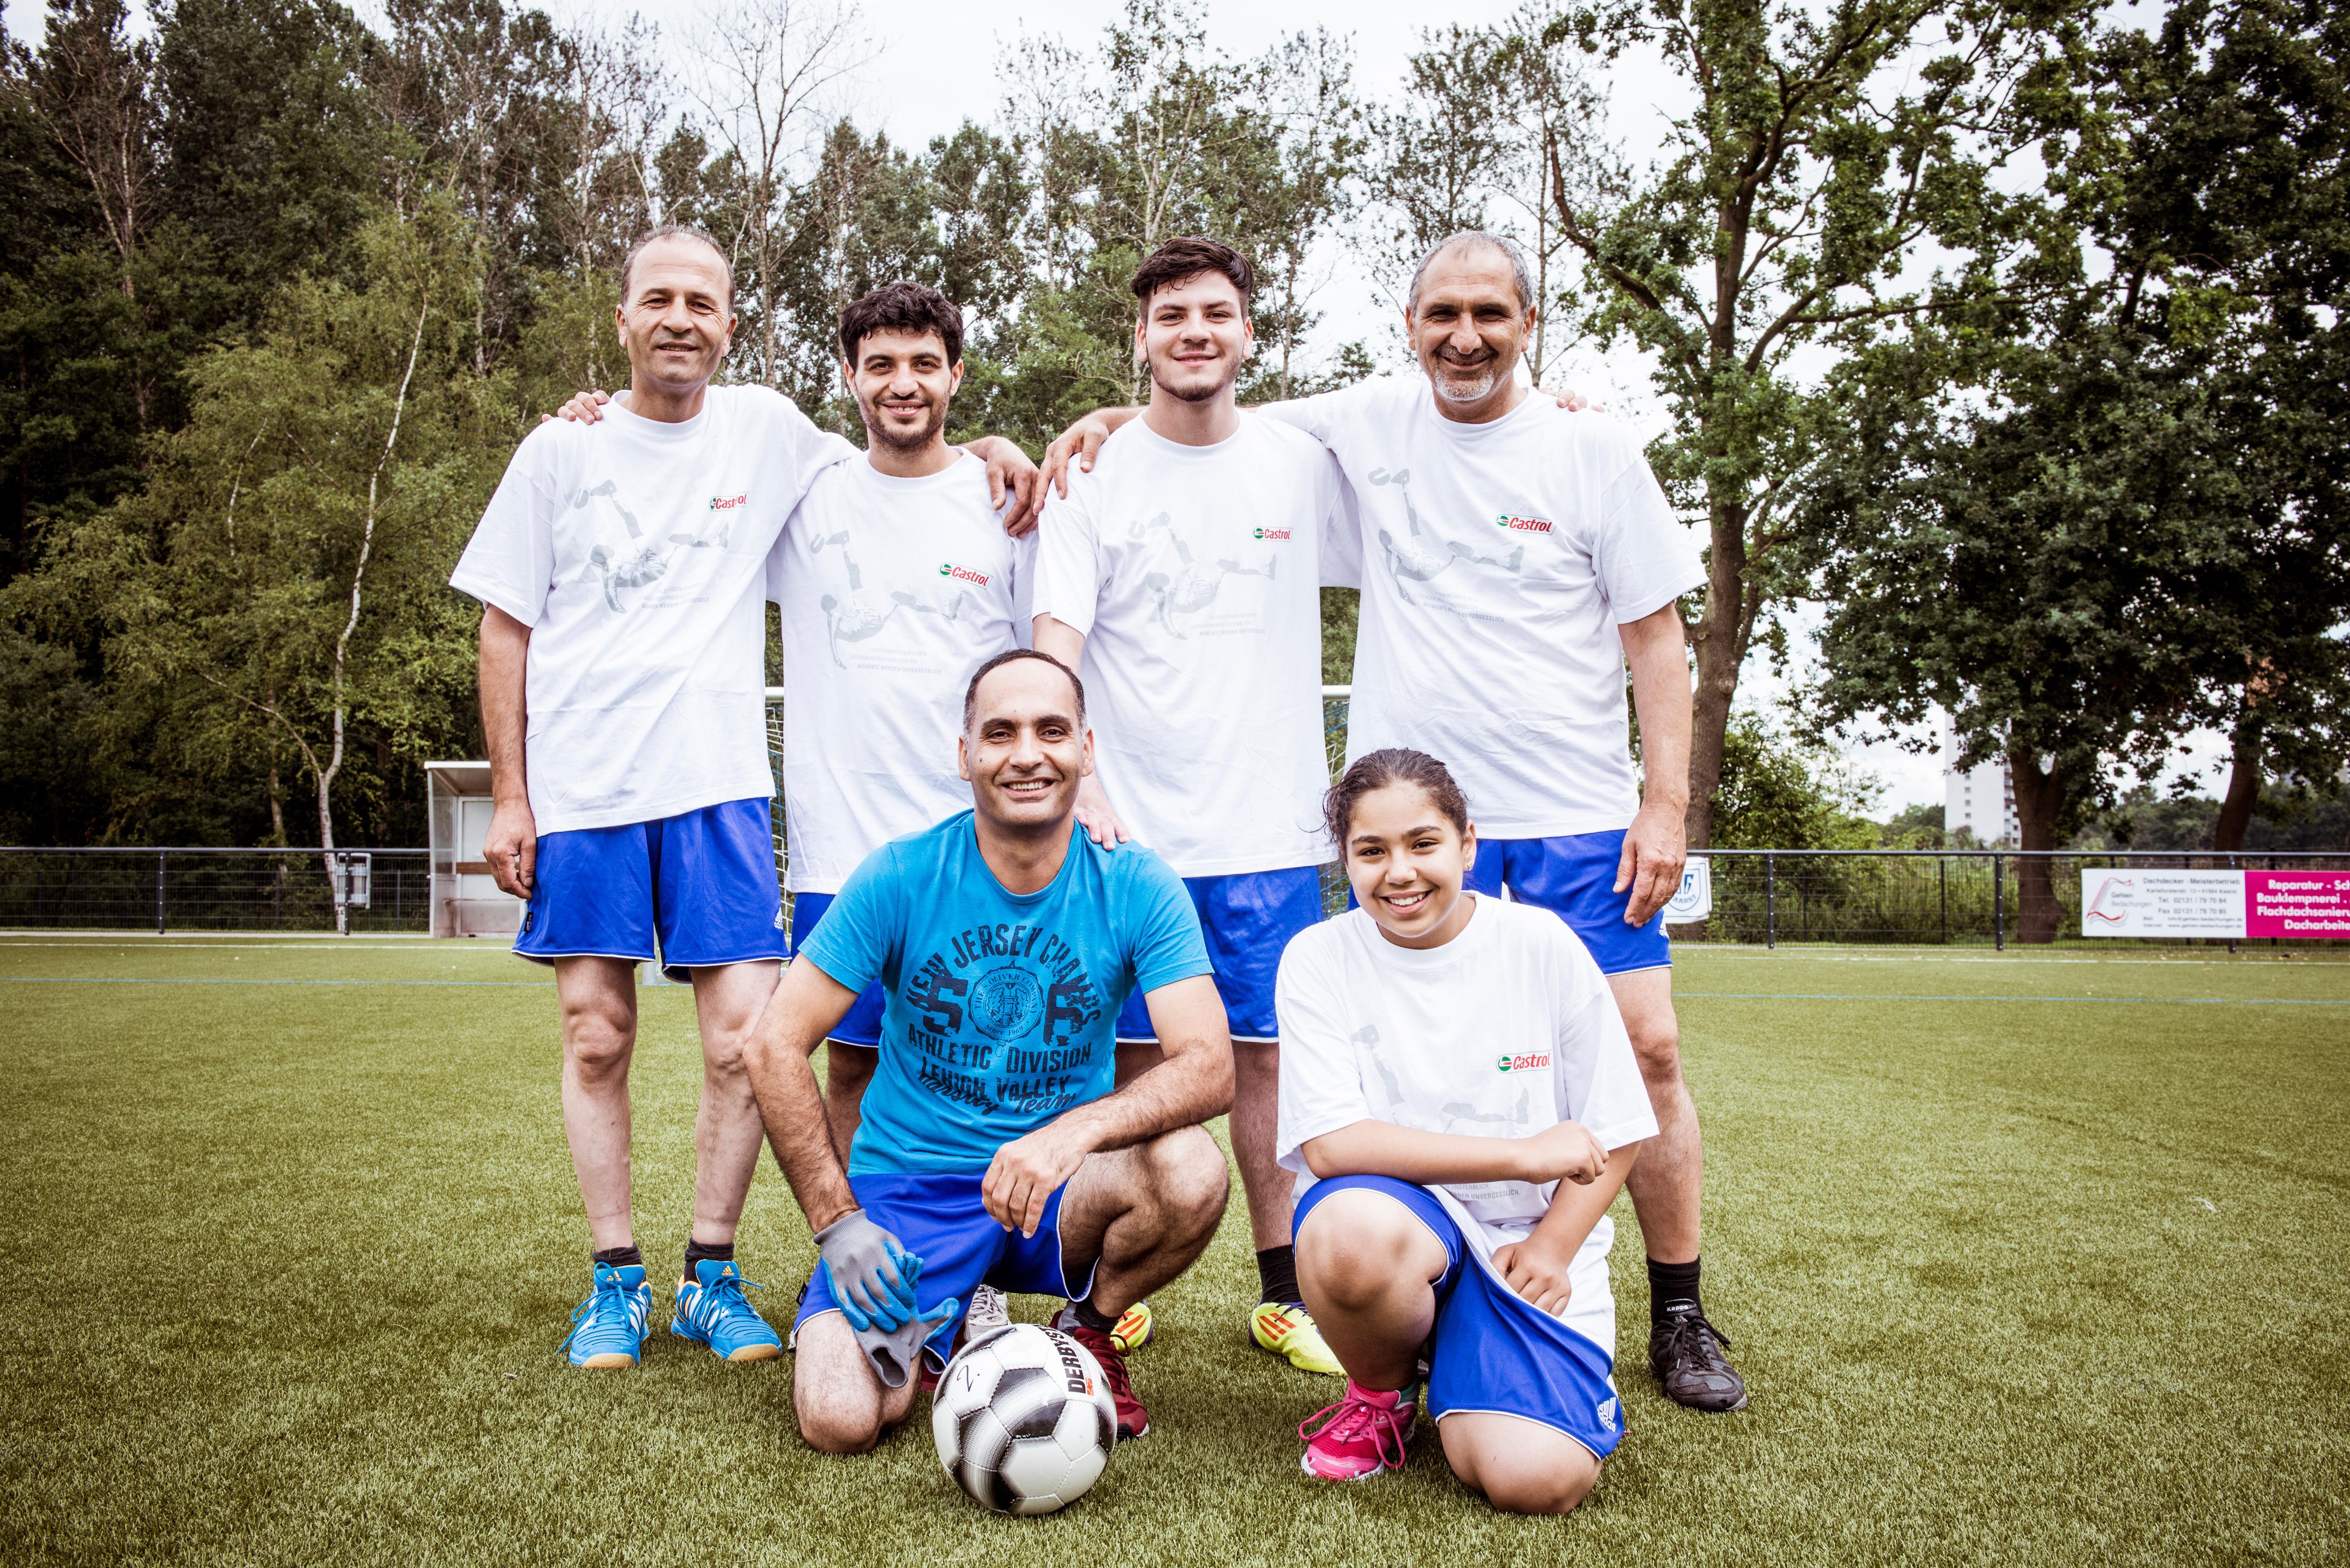 Fußball-Cup, Kommunalwahl, Christian Gaumitz, Fußball, Fußballspiel Kaarst, SG Kaarst, Kaarst, Bürgermeisterwahl, Reportage, Veranstaltungsfotos, Outdoorfotos,